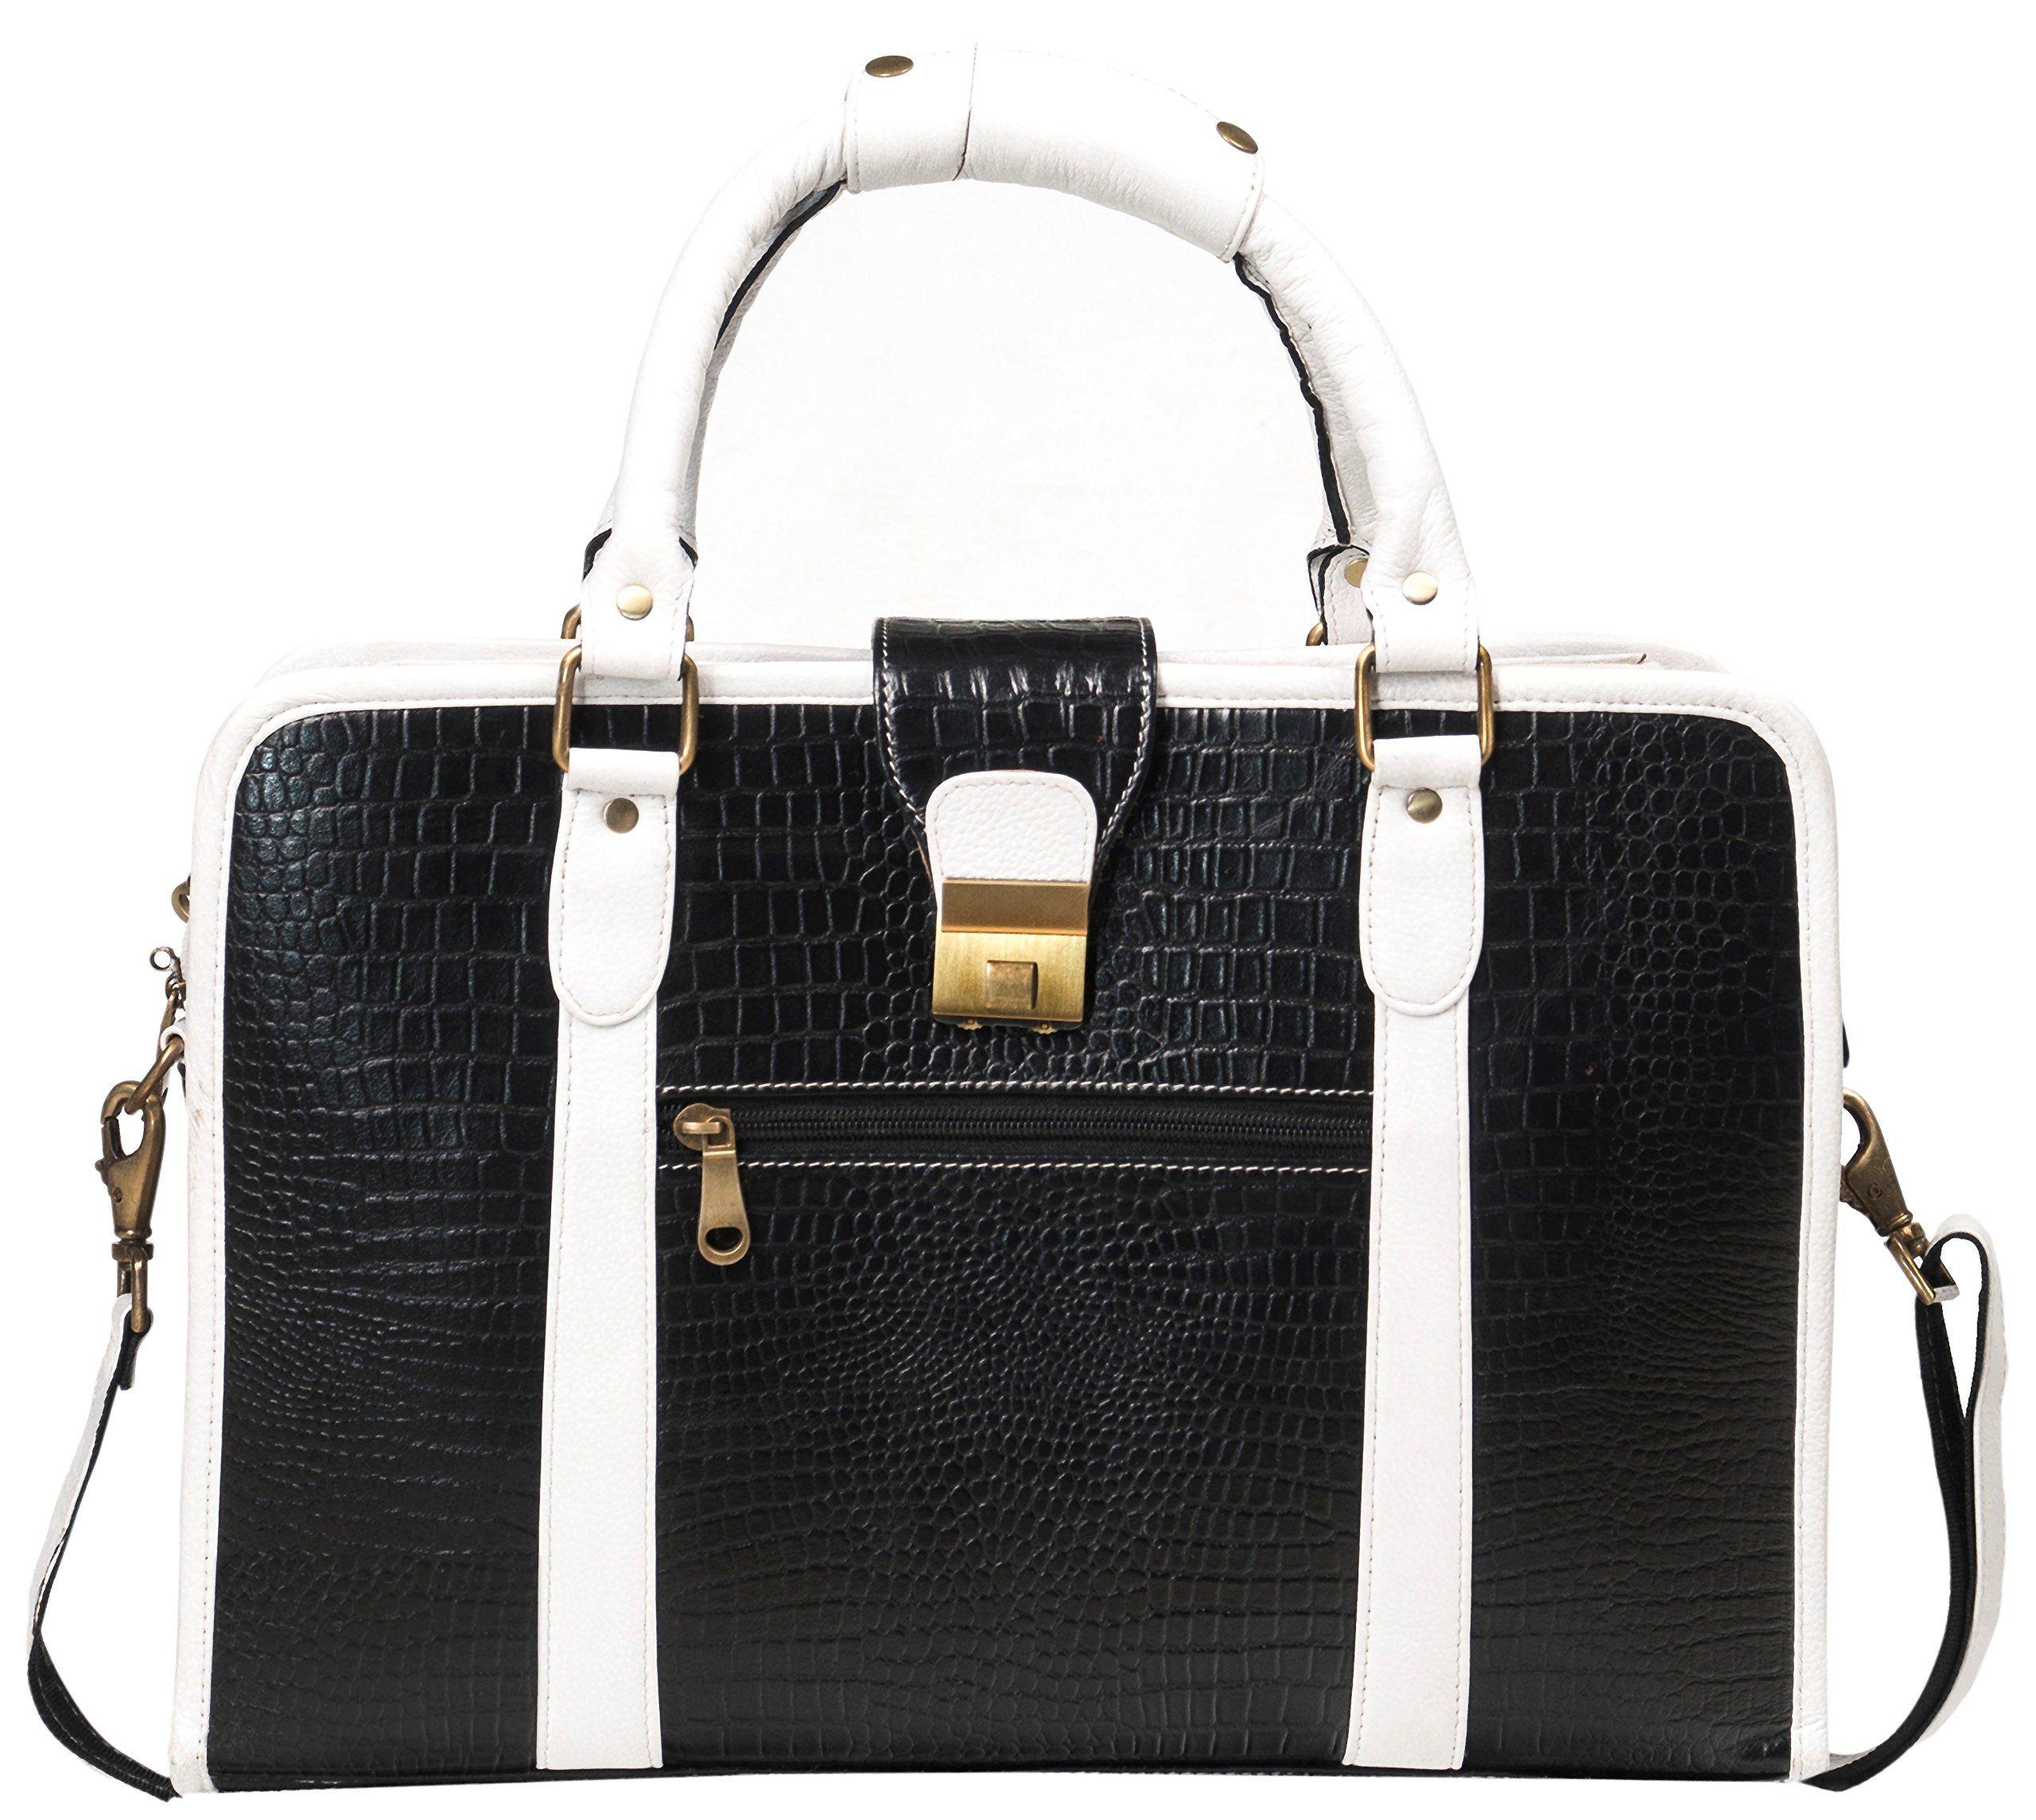 ff8bfdda58 ZipperNext Croc Design Women s Leather Messenger Bag 15.6 inch Laptop Briefcase  Bag